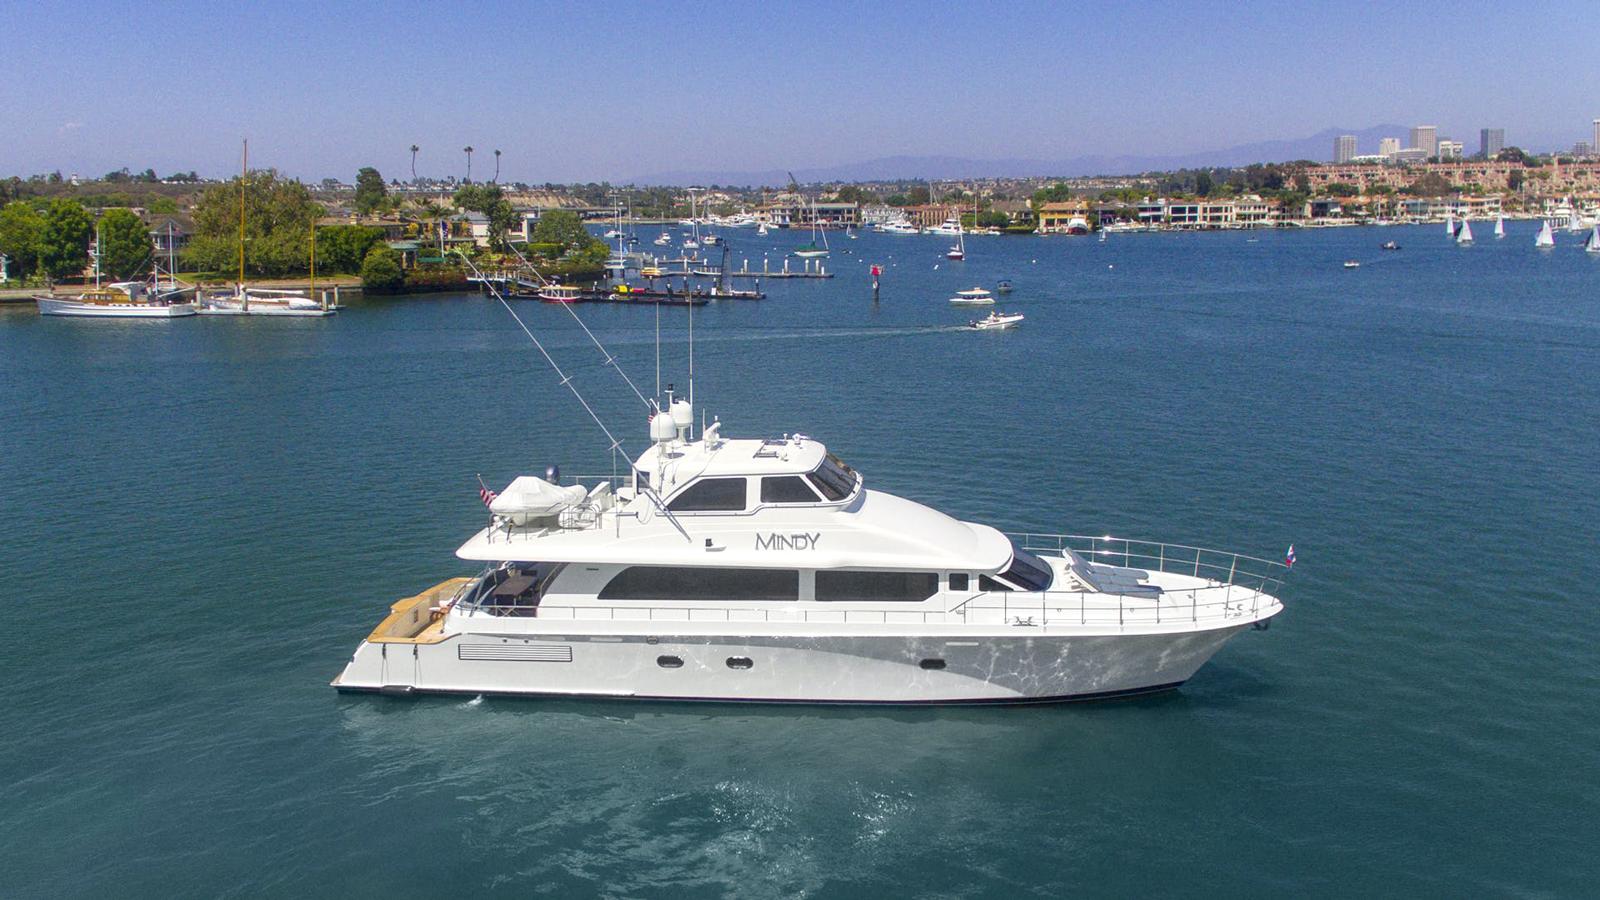 mindy-yacht-exterior